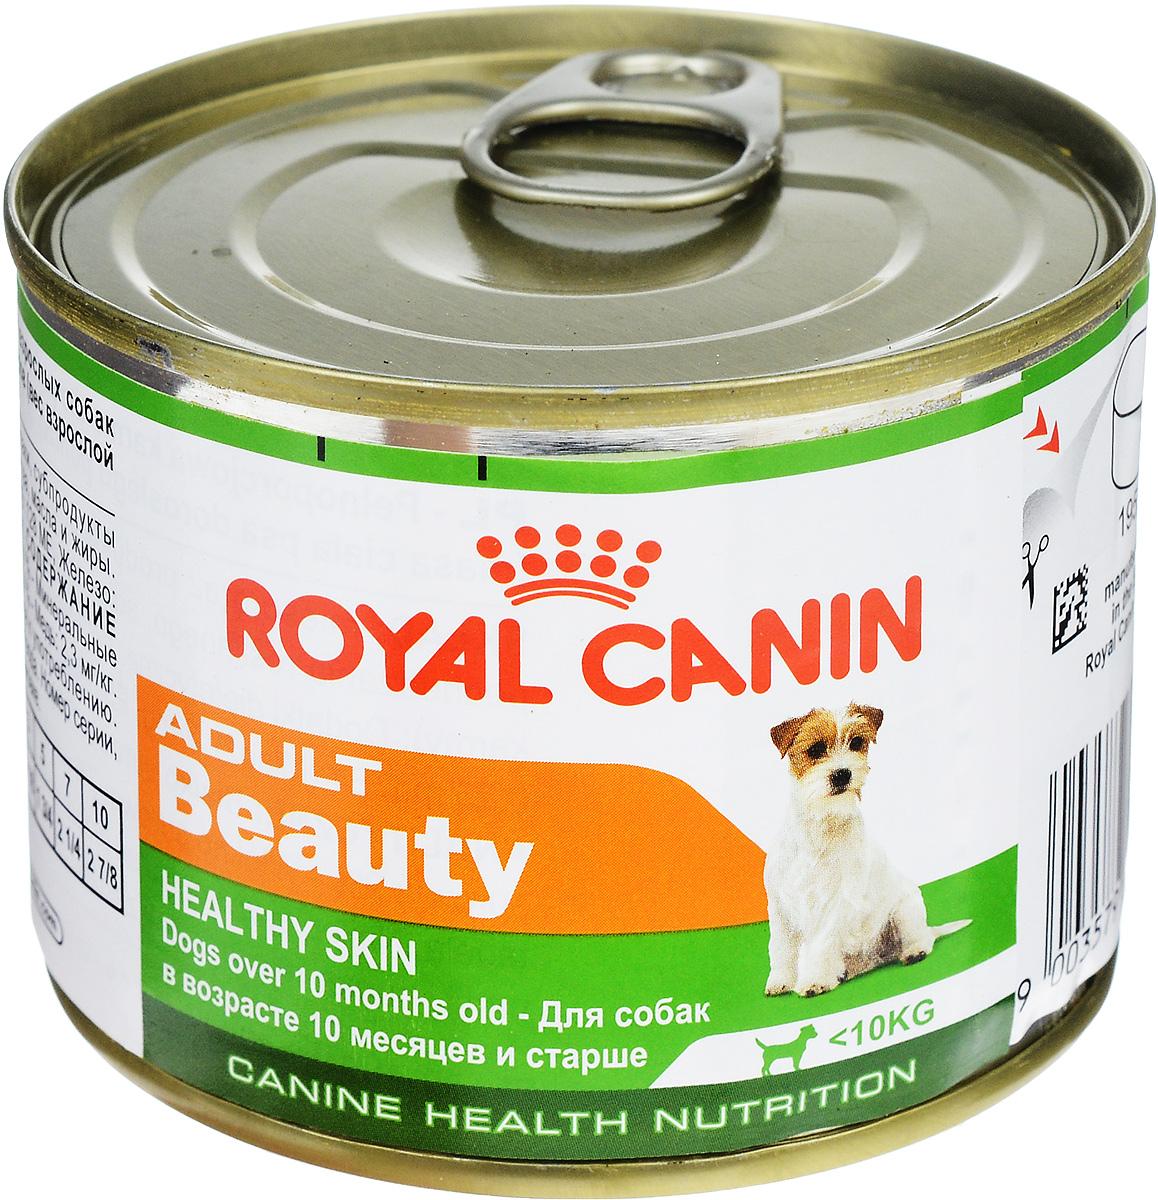 Консервы Royal Canin Adult Beauty, для собак в возрасте 10 месяцев и старше, 195 г49335Консервы Royal Canin Adult Beauty создан специально для взрослых собак с 10 месяцев и старше, весом до 10 кг. Предназначен для поддержания здоровья шерсти и кожи.Формула Beauty обогащена жирными кислотами и содержит специальный защитный комплекс. Состав: мясо и мясные субпродукты, злаки, субпродукты растительного происхождения, минеральные вещества, масла и жиры. Гарантированный анализ: белки - 9,6 %, жиры - 6,4 %, минеральные вещества - 2 %, клетчатка пищевая - 2 %, влажность - 74 %, медь - 2,3 мг/кг.Добавки (в 1 кг): витамин D3: 128 ME, железо - 15 мг, йод - 0,25 мг, марганец - 4,4 мг, цинк - 43 мг. Товар сертифицирован.